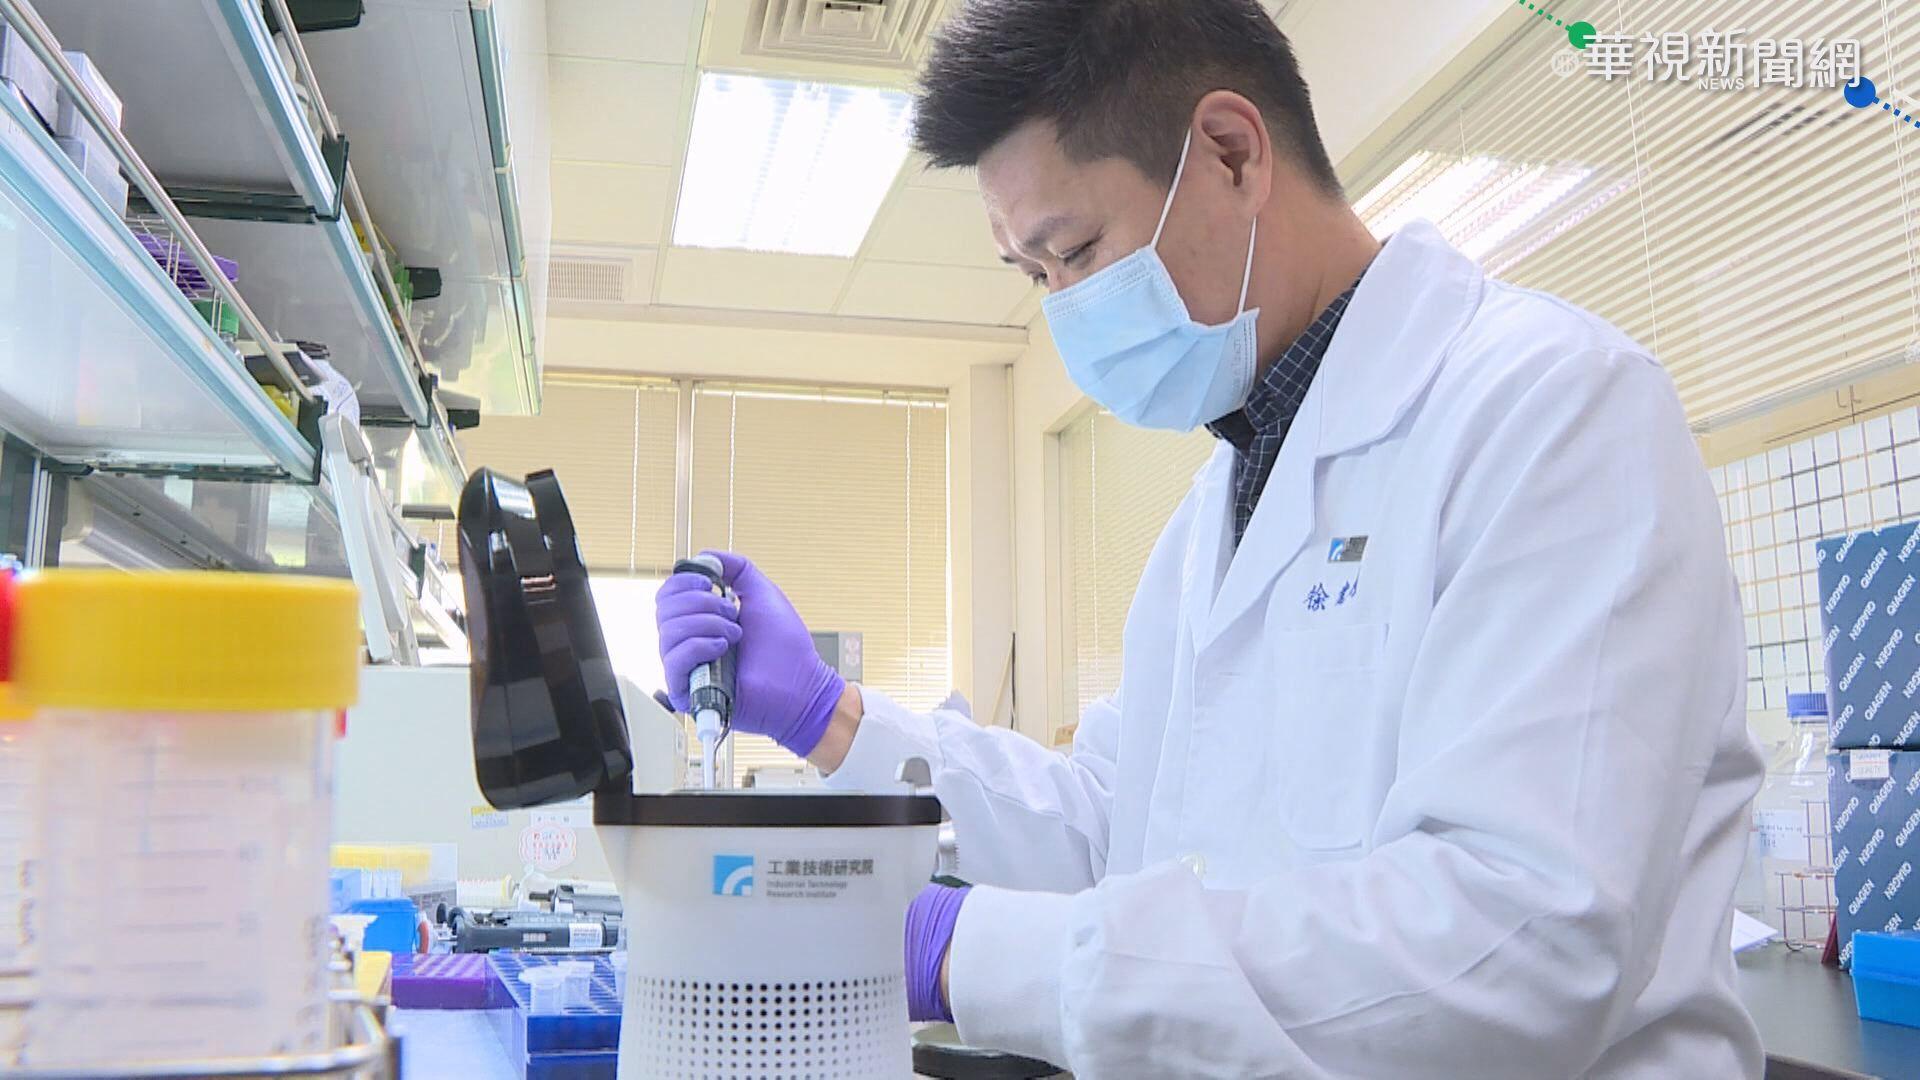 網紅打完疫苗驗抗體 專家:沒有意義